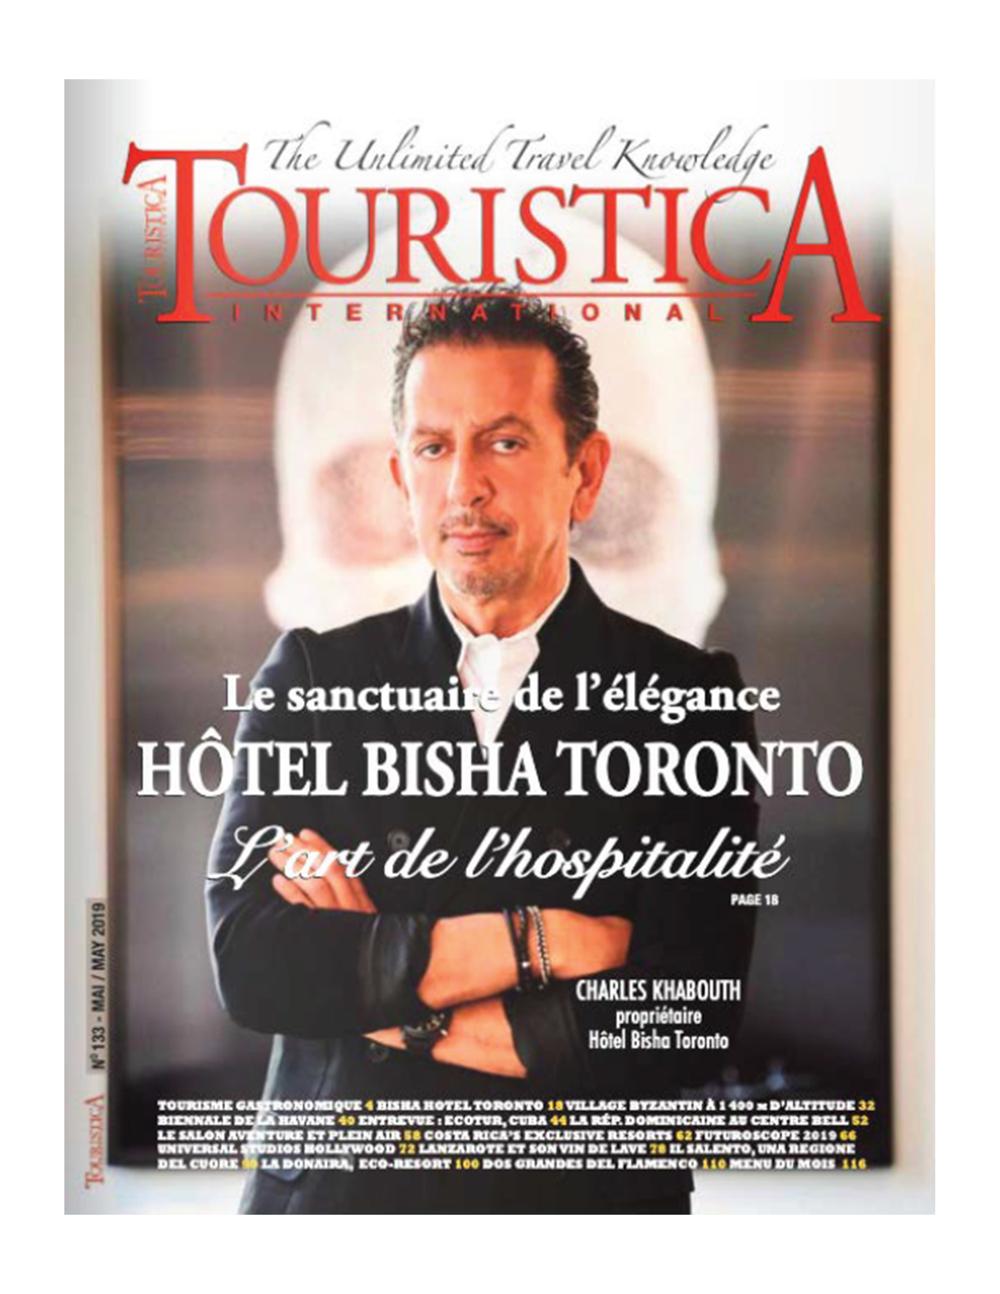 TOURISTICA INTERNATIONAL